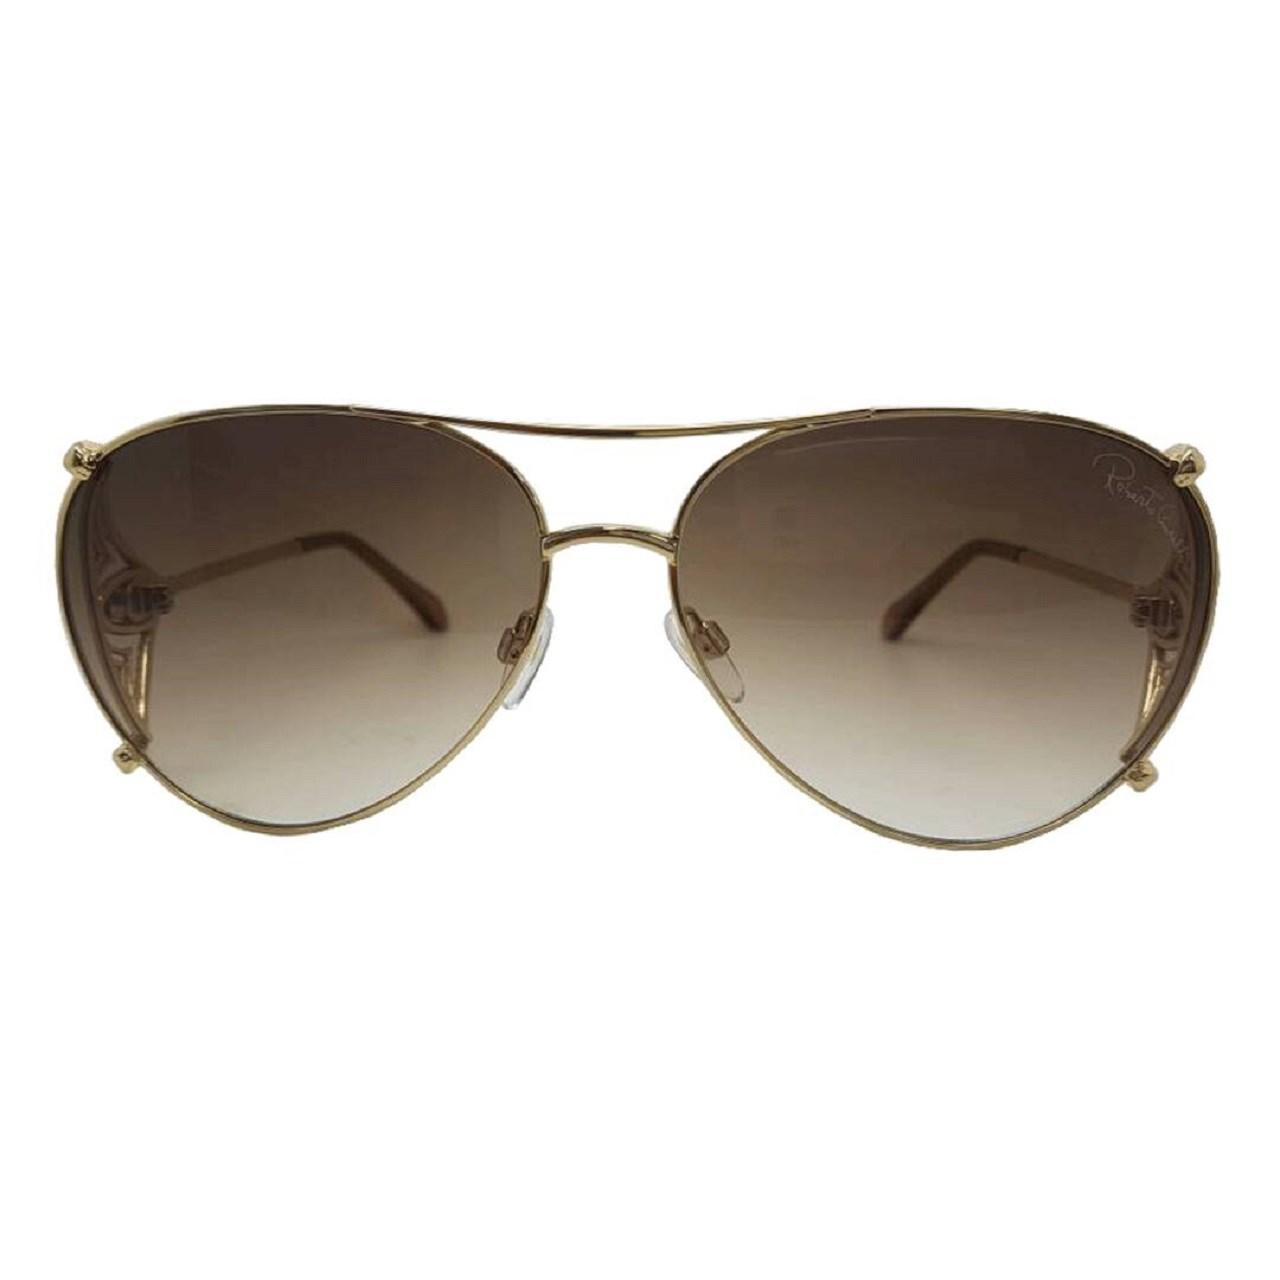 عینک آفتابی روبرتو کاوالی مدل 11002